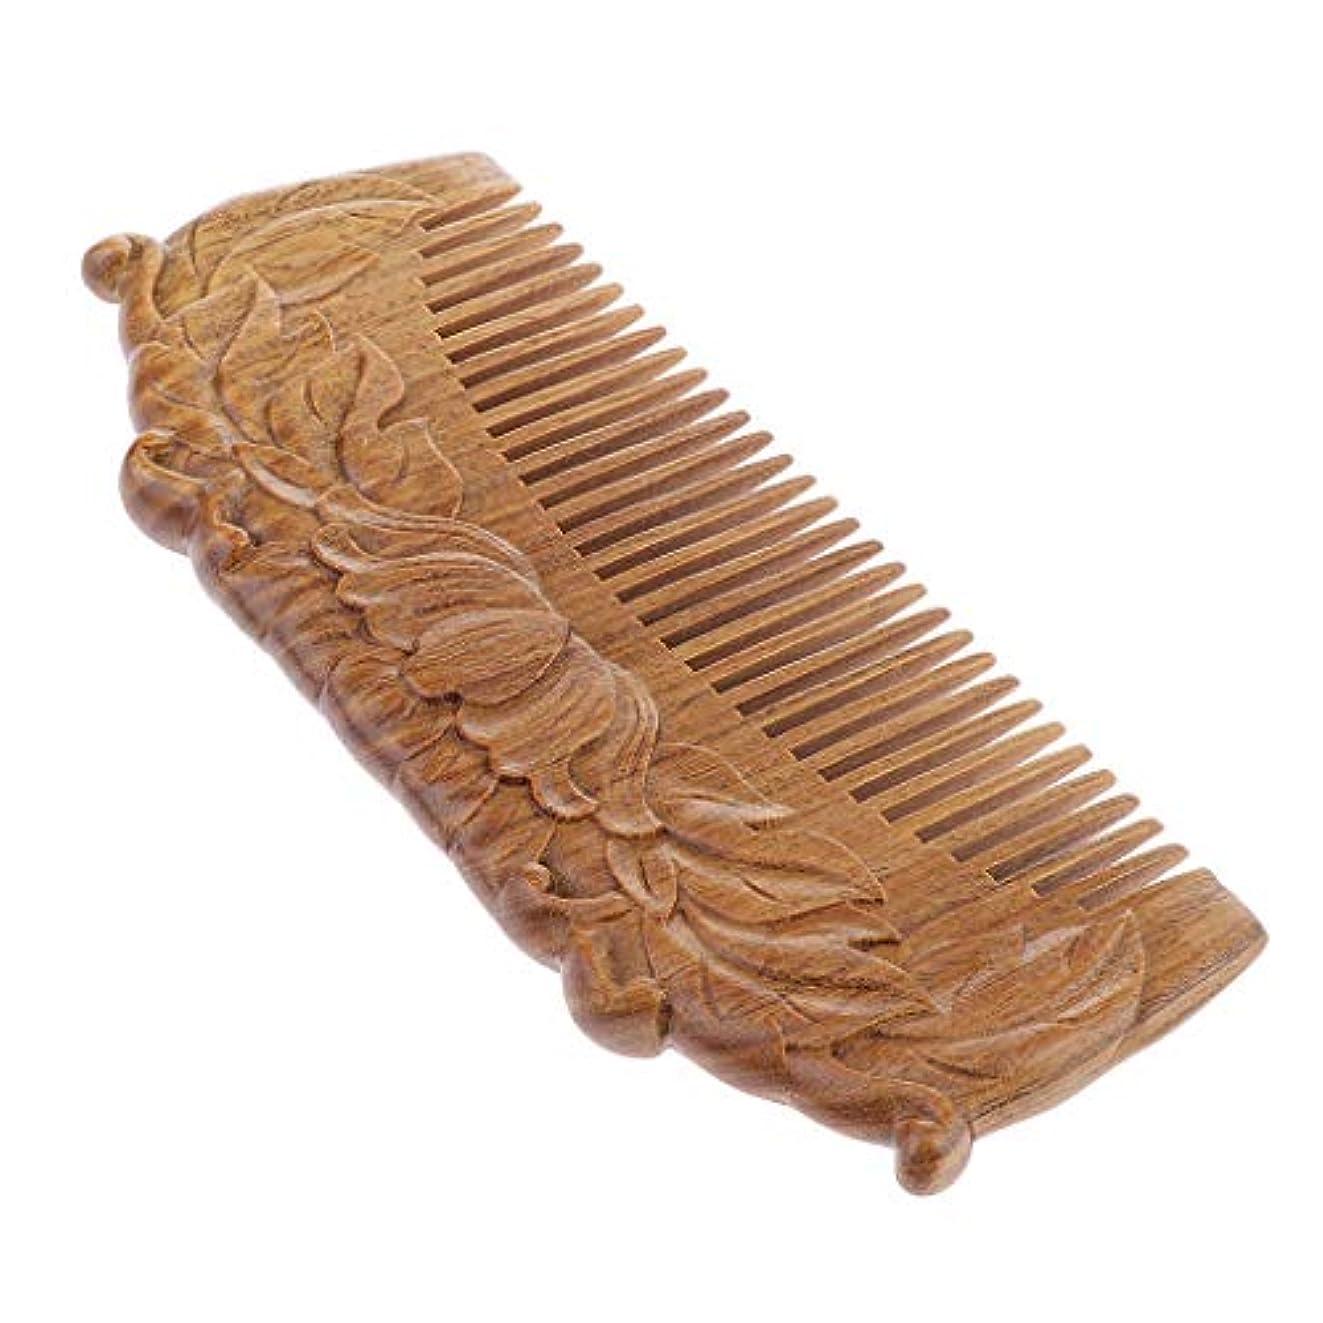 哲学的圧縮された放散するウッドコーム 木製櫛 高品質 手作り 天然木 帯電防止櫛 頭皮マッサージ ヘアブラシ